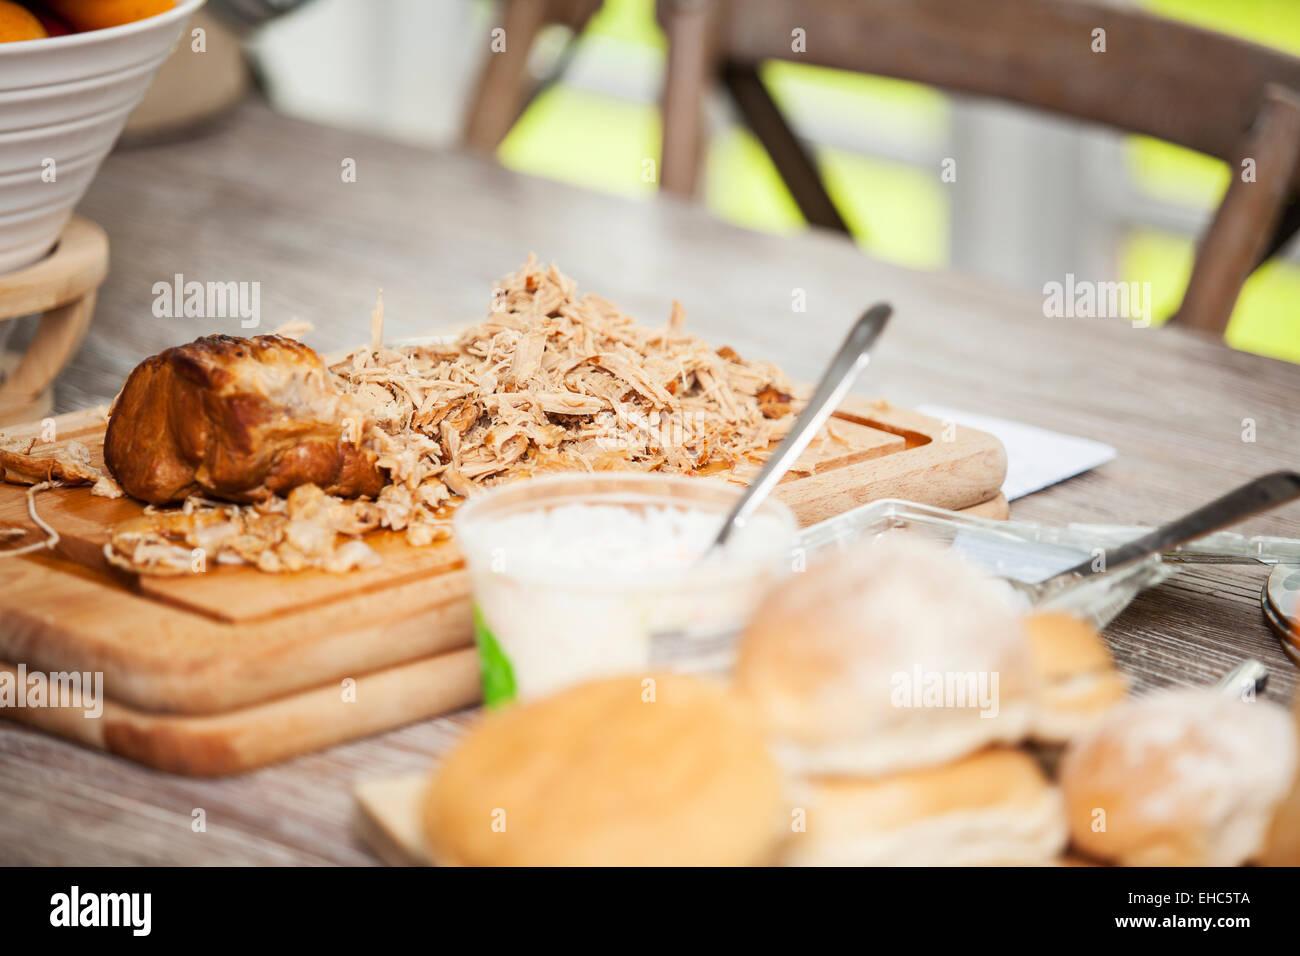 Gezogen Schweinefleisch auf ein Schneidebrett bereit für Essen Stockbild